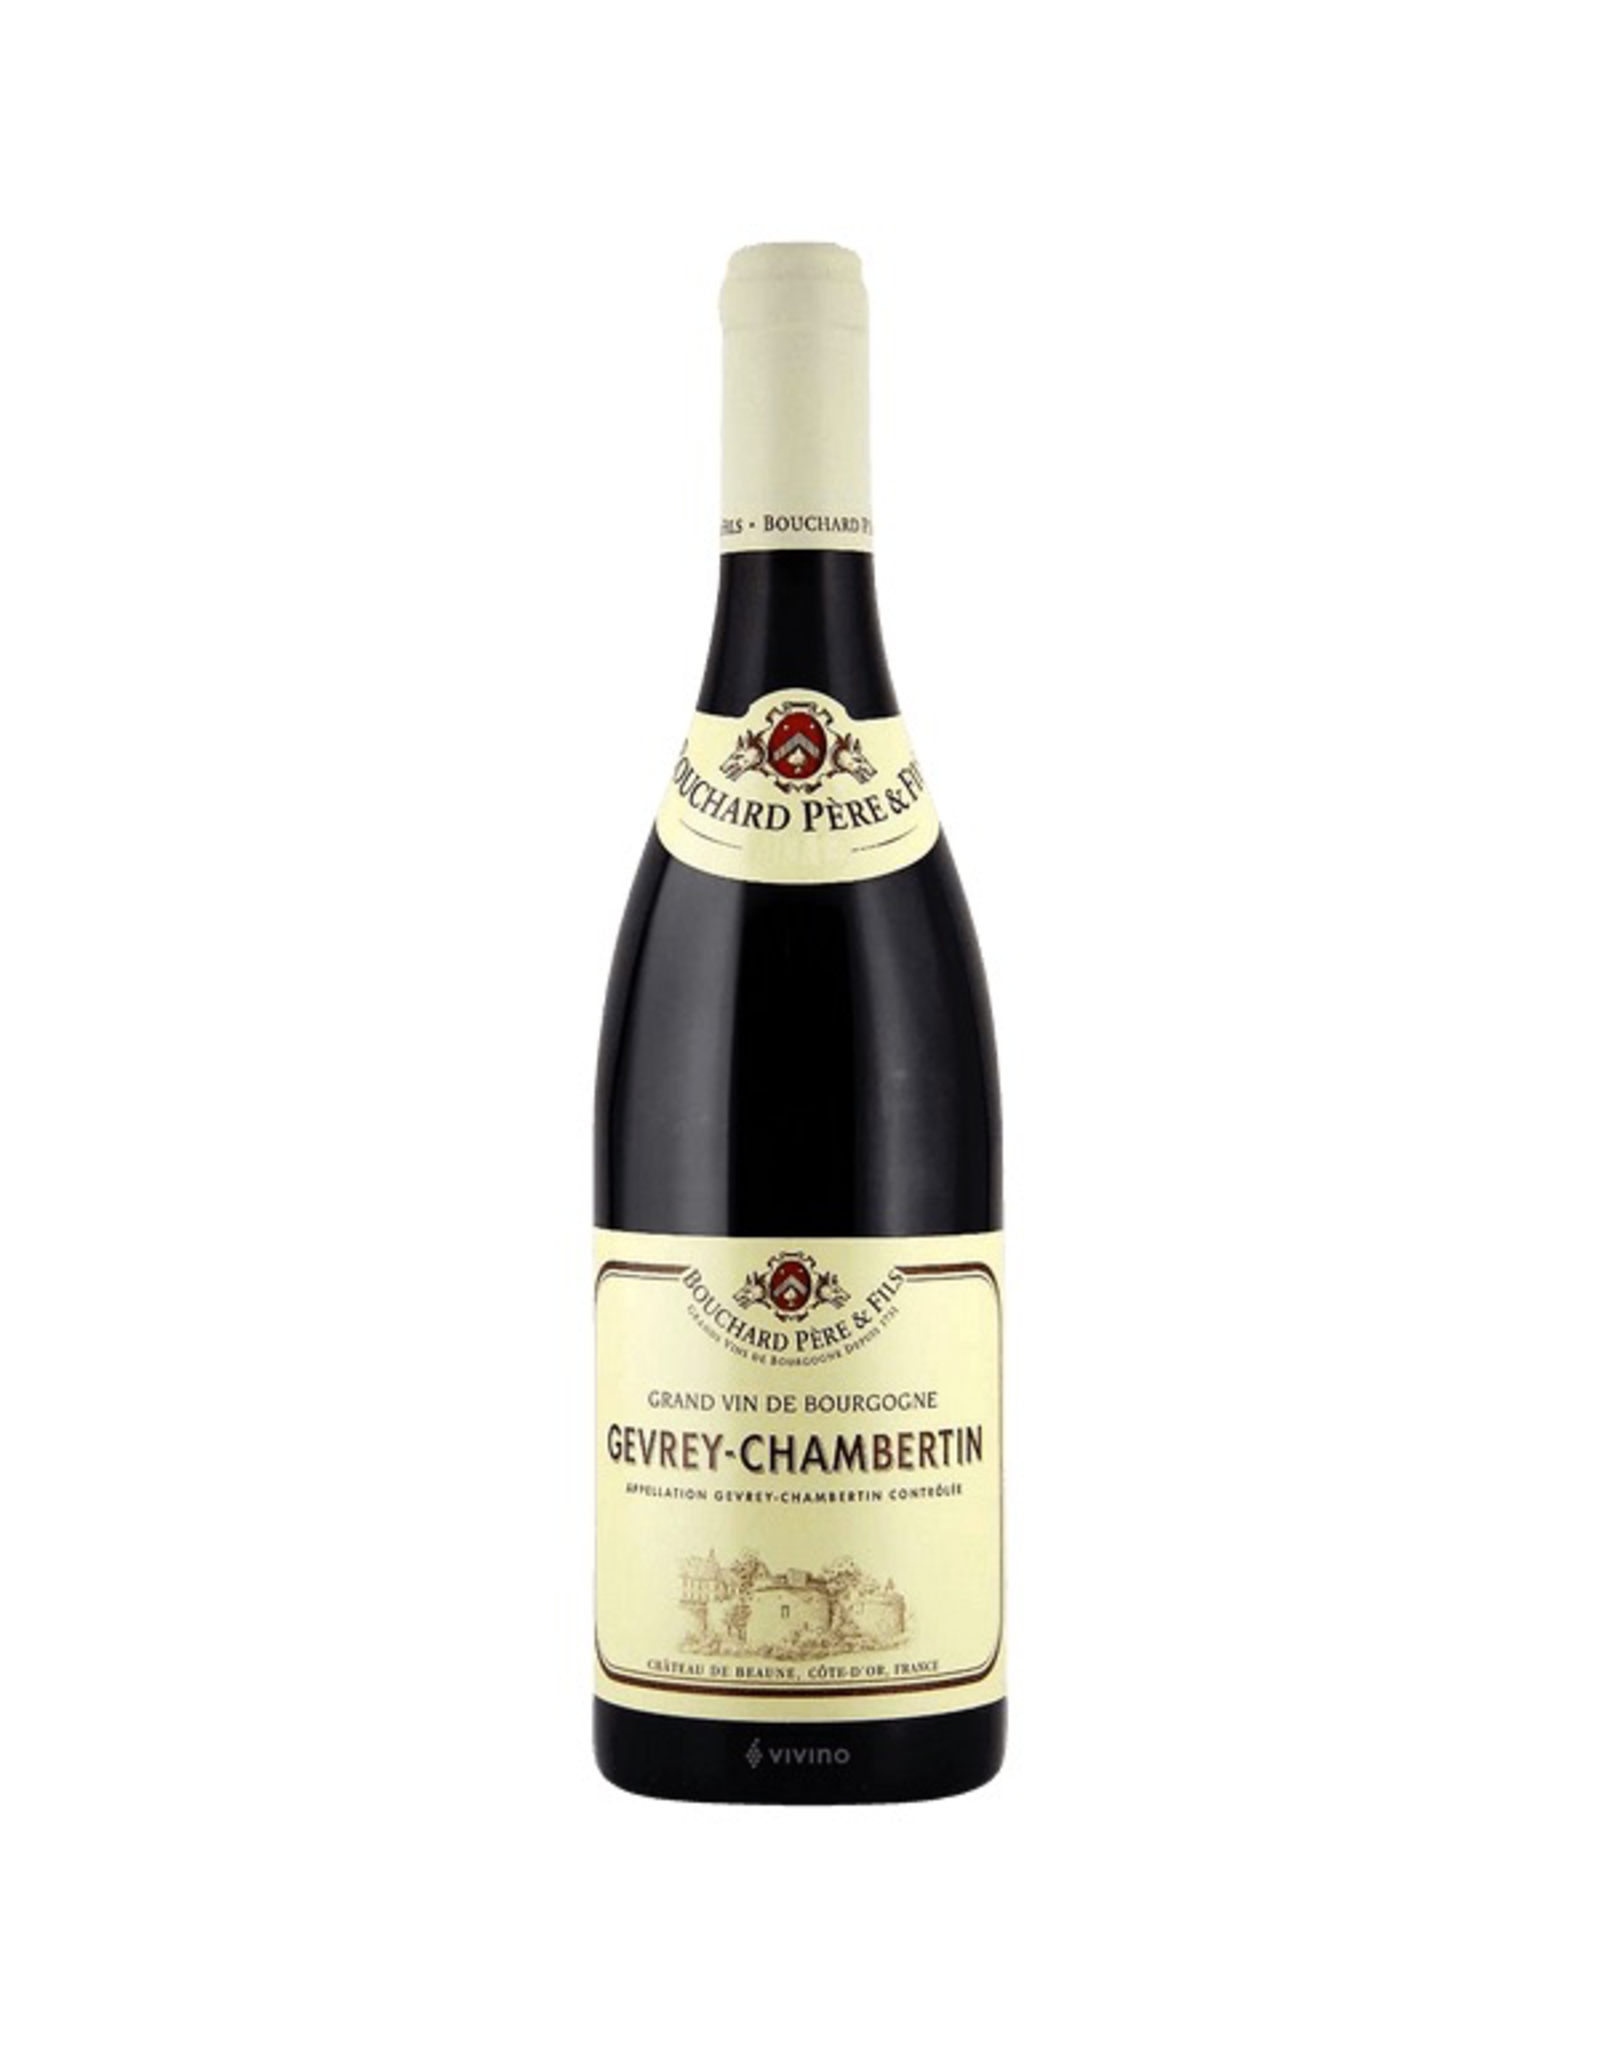 Red Wine 2014, Bouchard Pere & Fils Grand Vin De Bourgogne, Pinot Noir, Gevrey-Chambertin, Burgundy, France, 13% Alc, CT